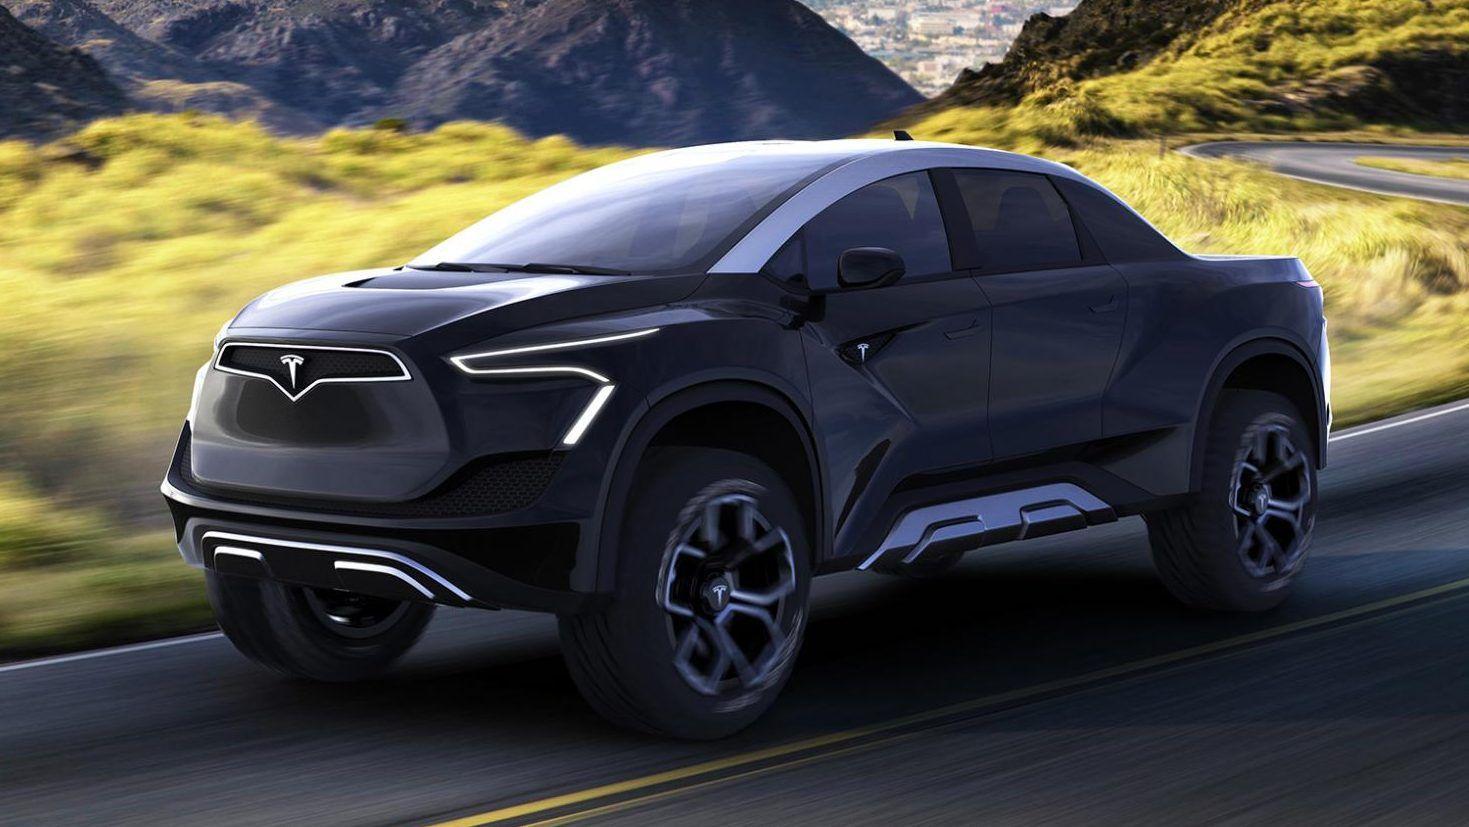 Dit Is De Nieuwe Tesla Pick Up Volgens Een Ontwerper Tesla Ontwerper